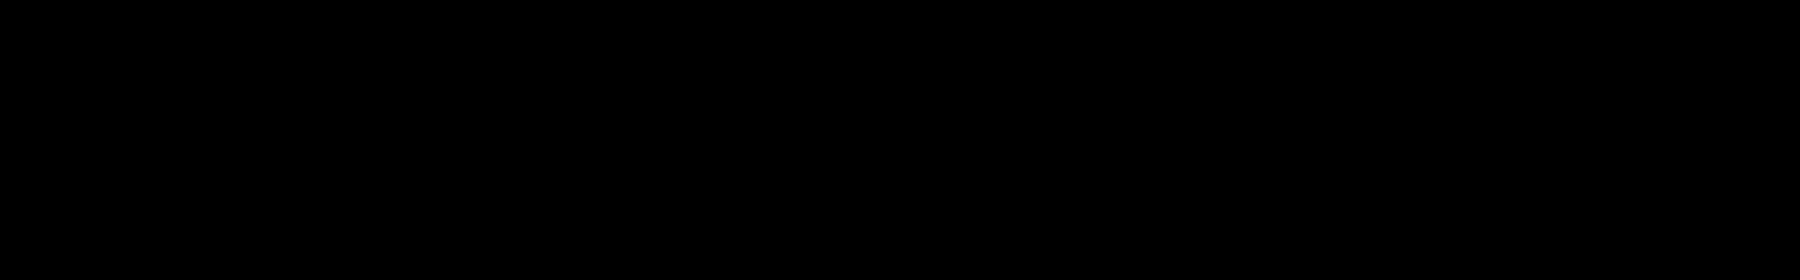 Dark Prairie audio waveform